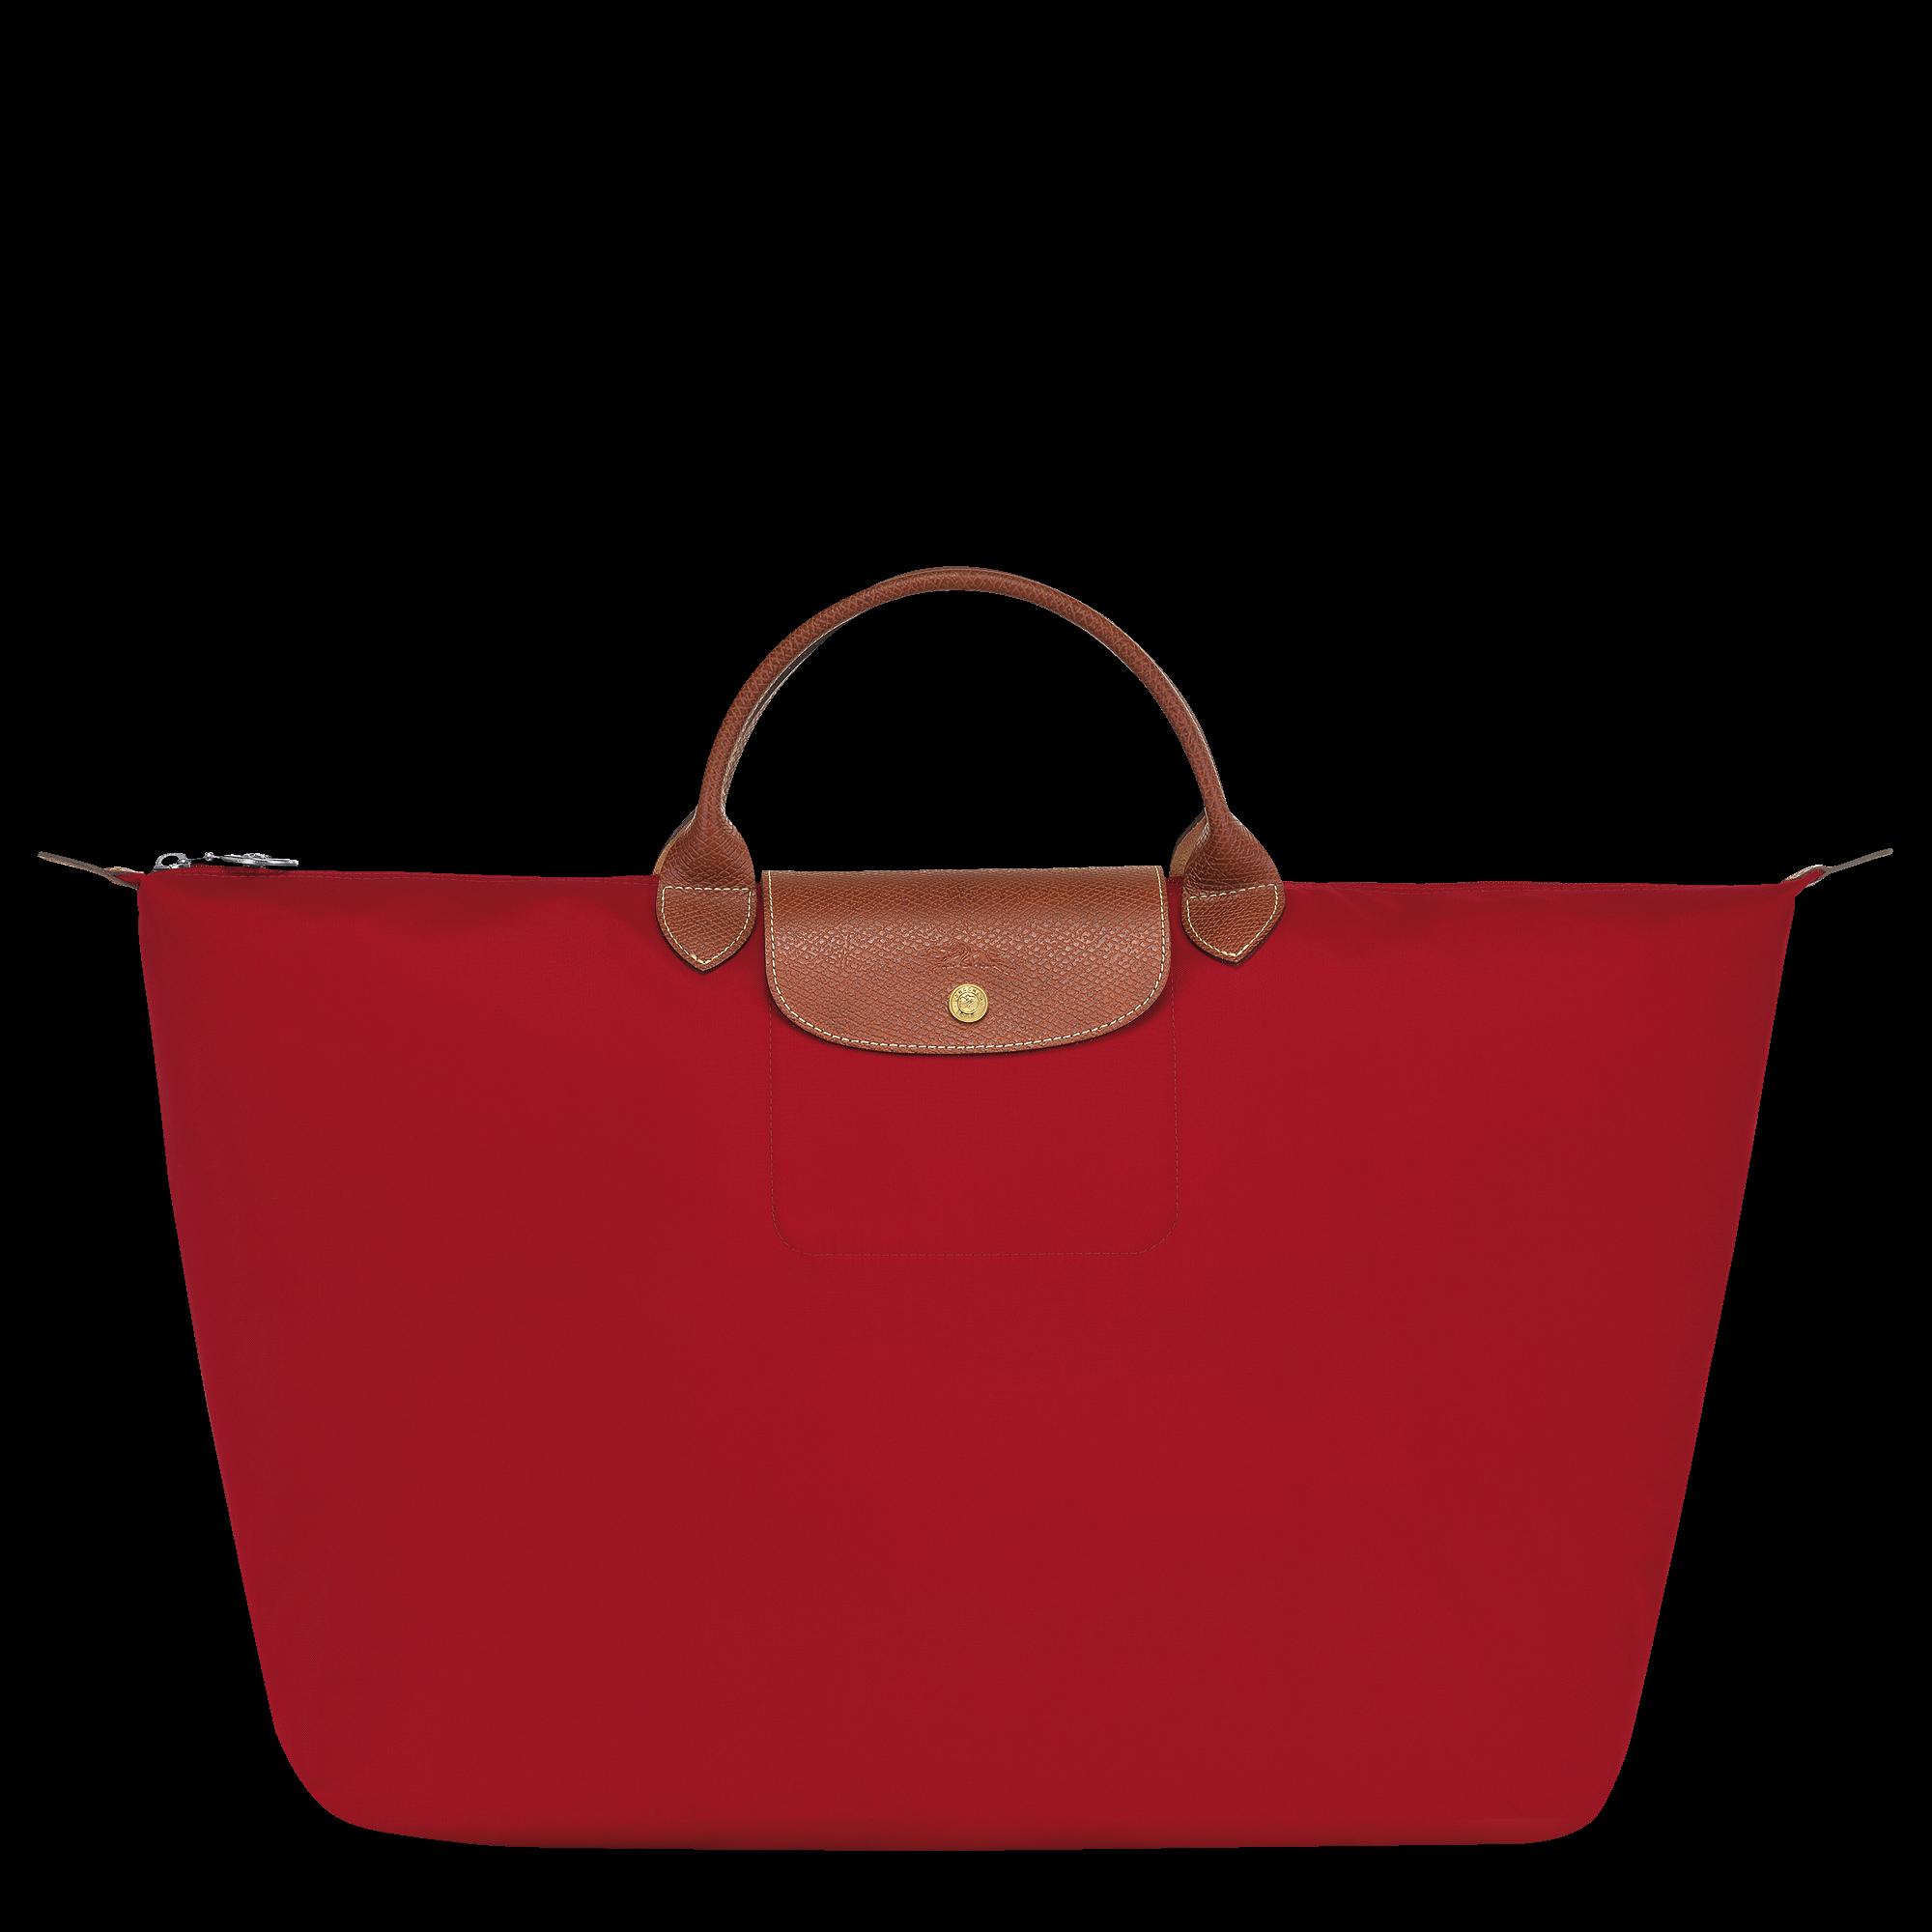 50代女性にぴったりのLONGCHAMP(ロンシャン)レディースバッグ